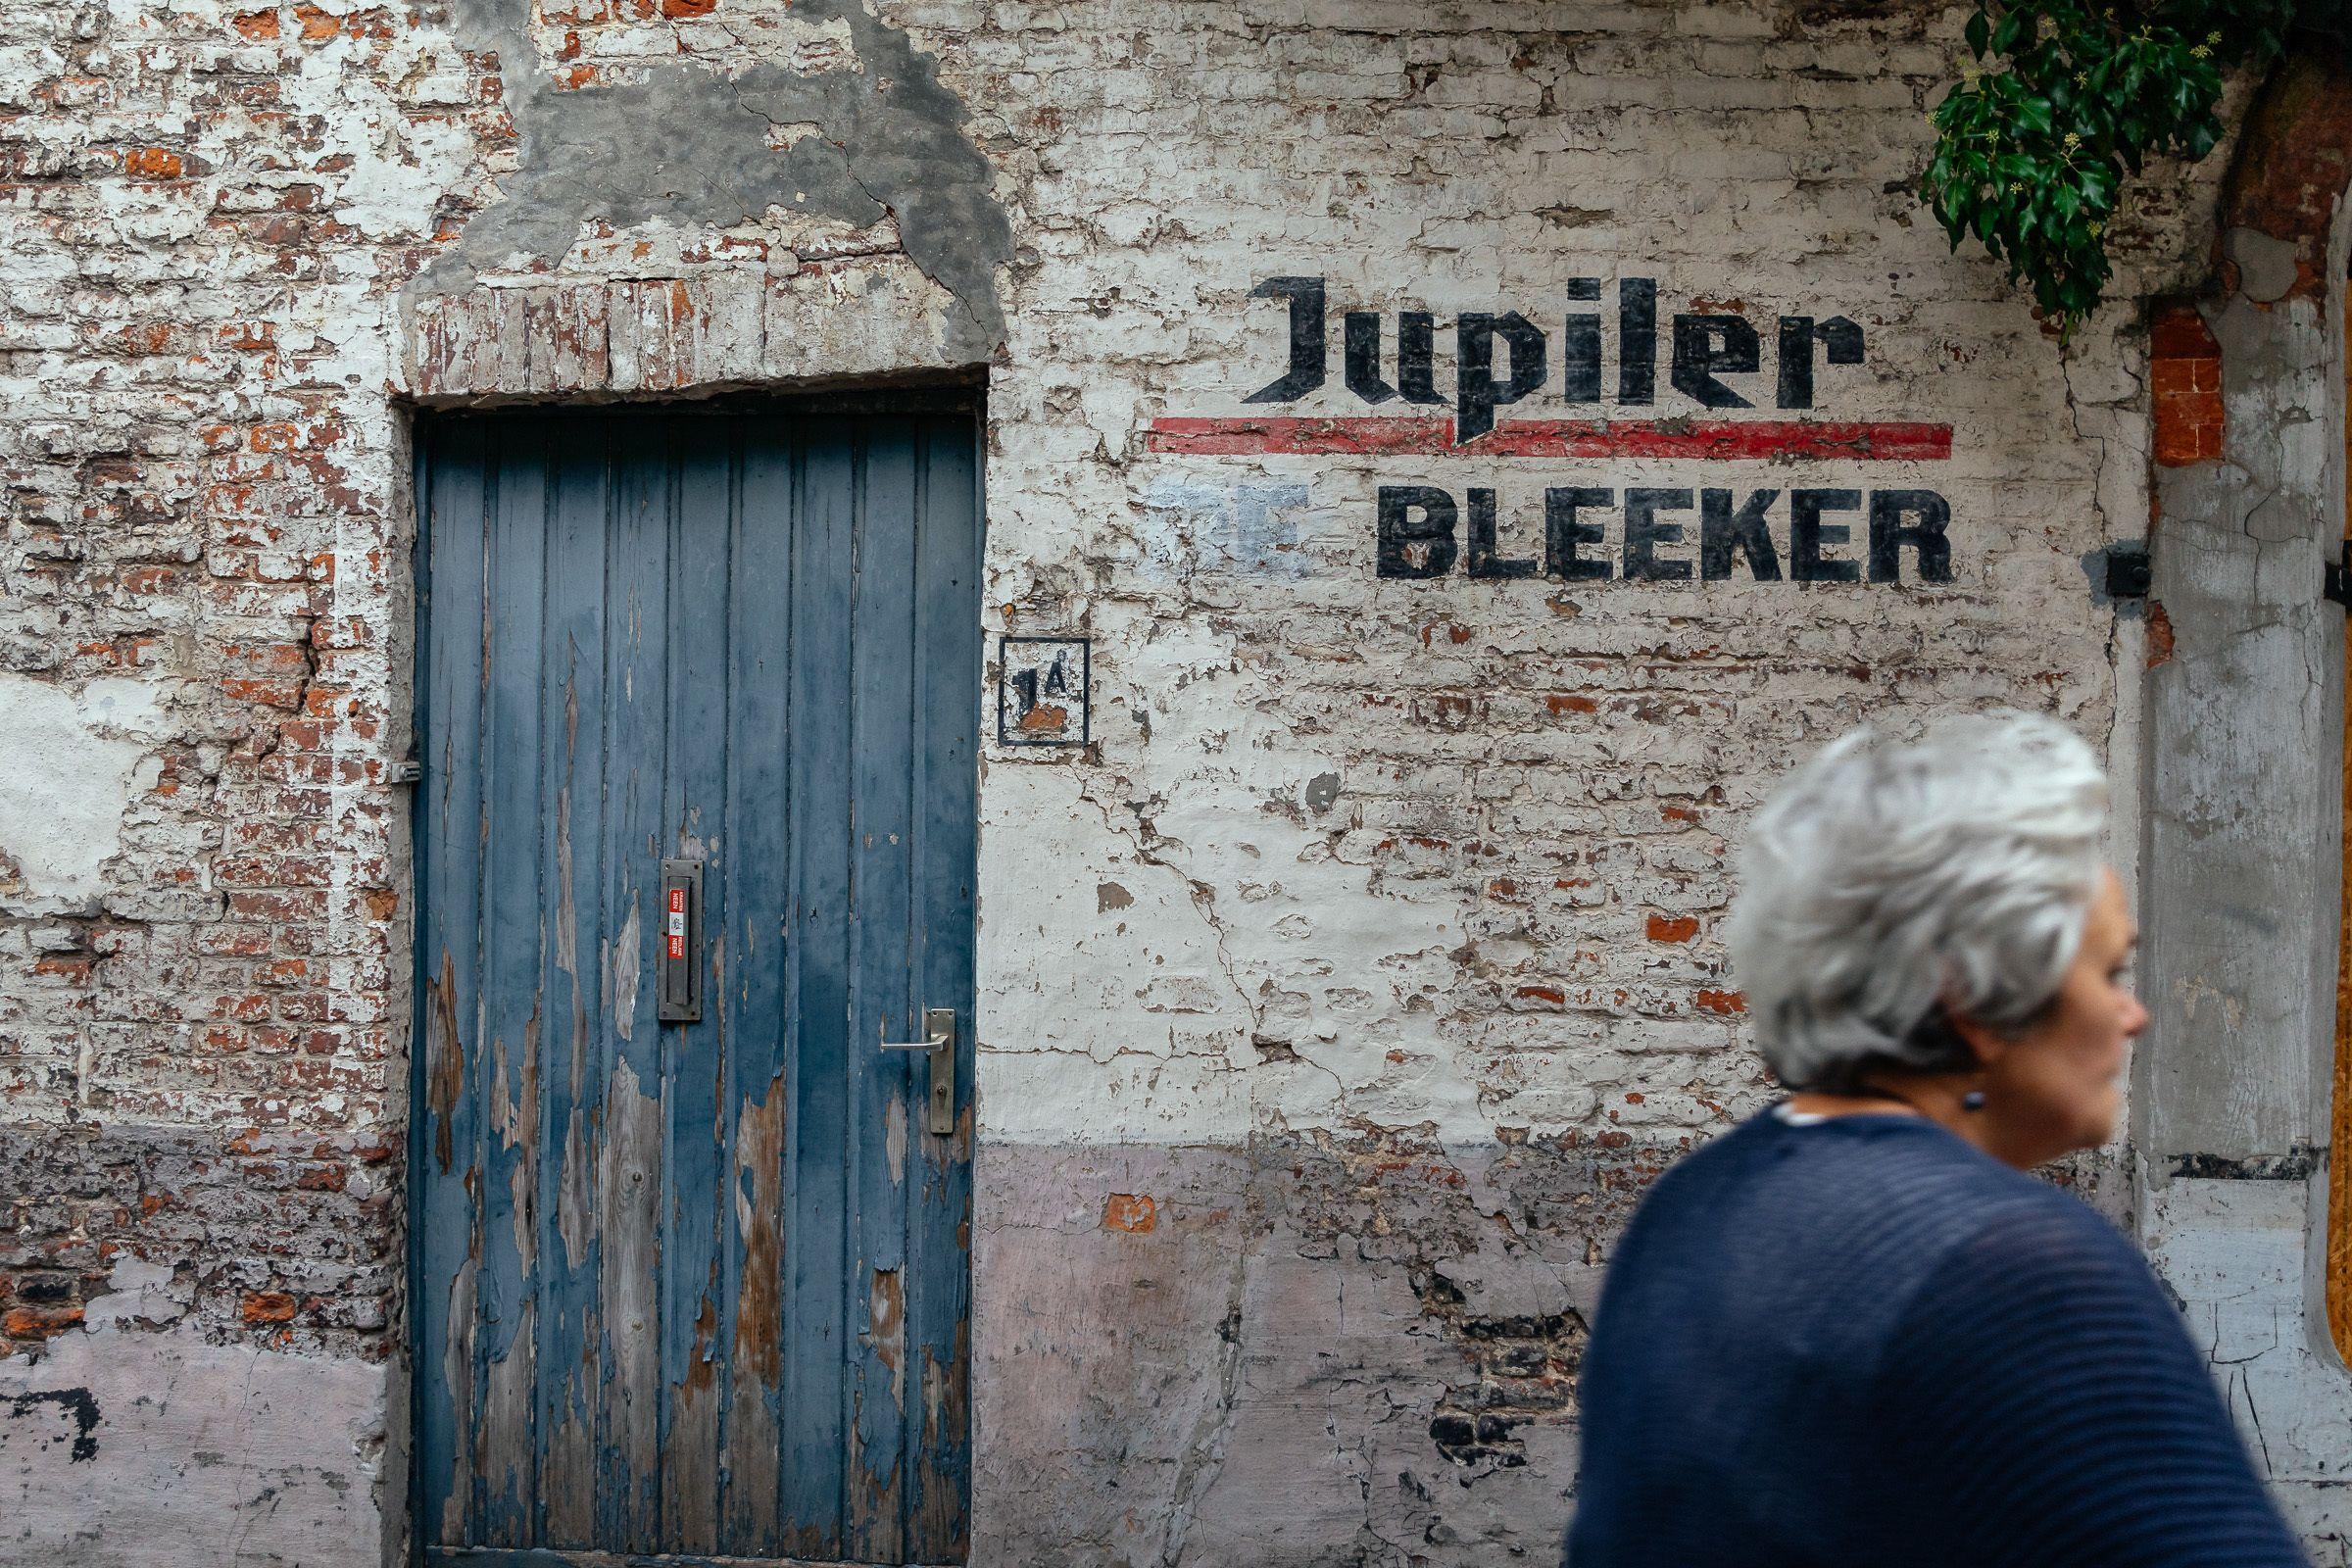 Entrance to Jupiler Bleeker in Bruges